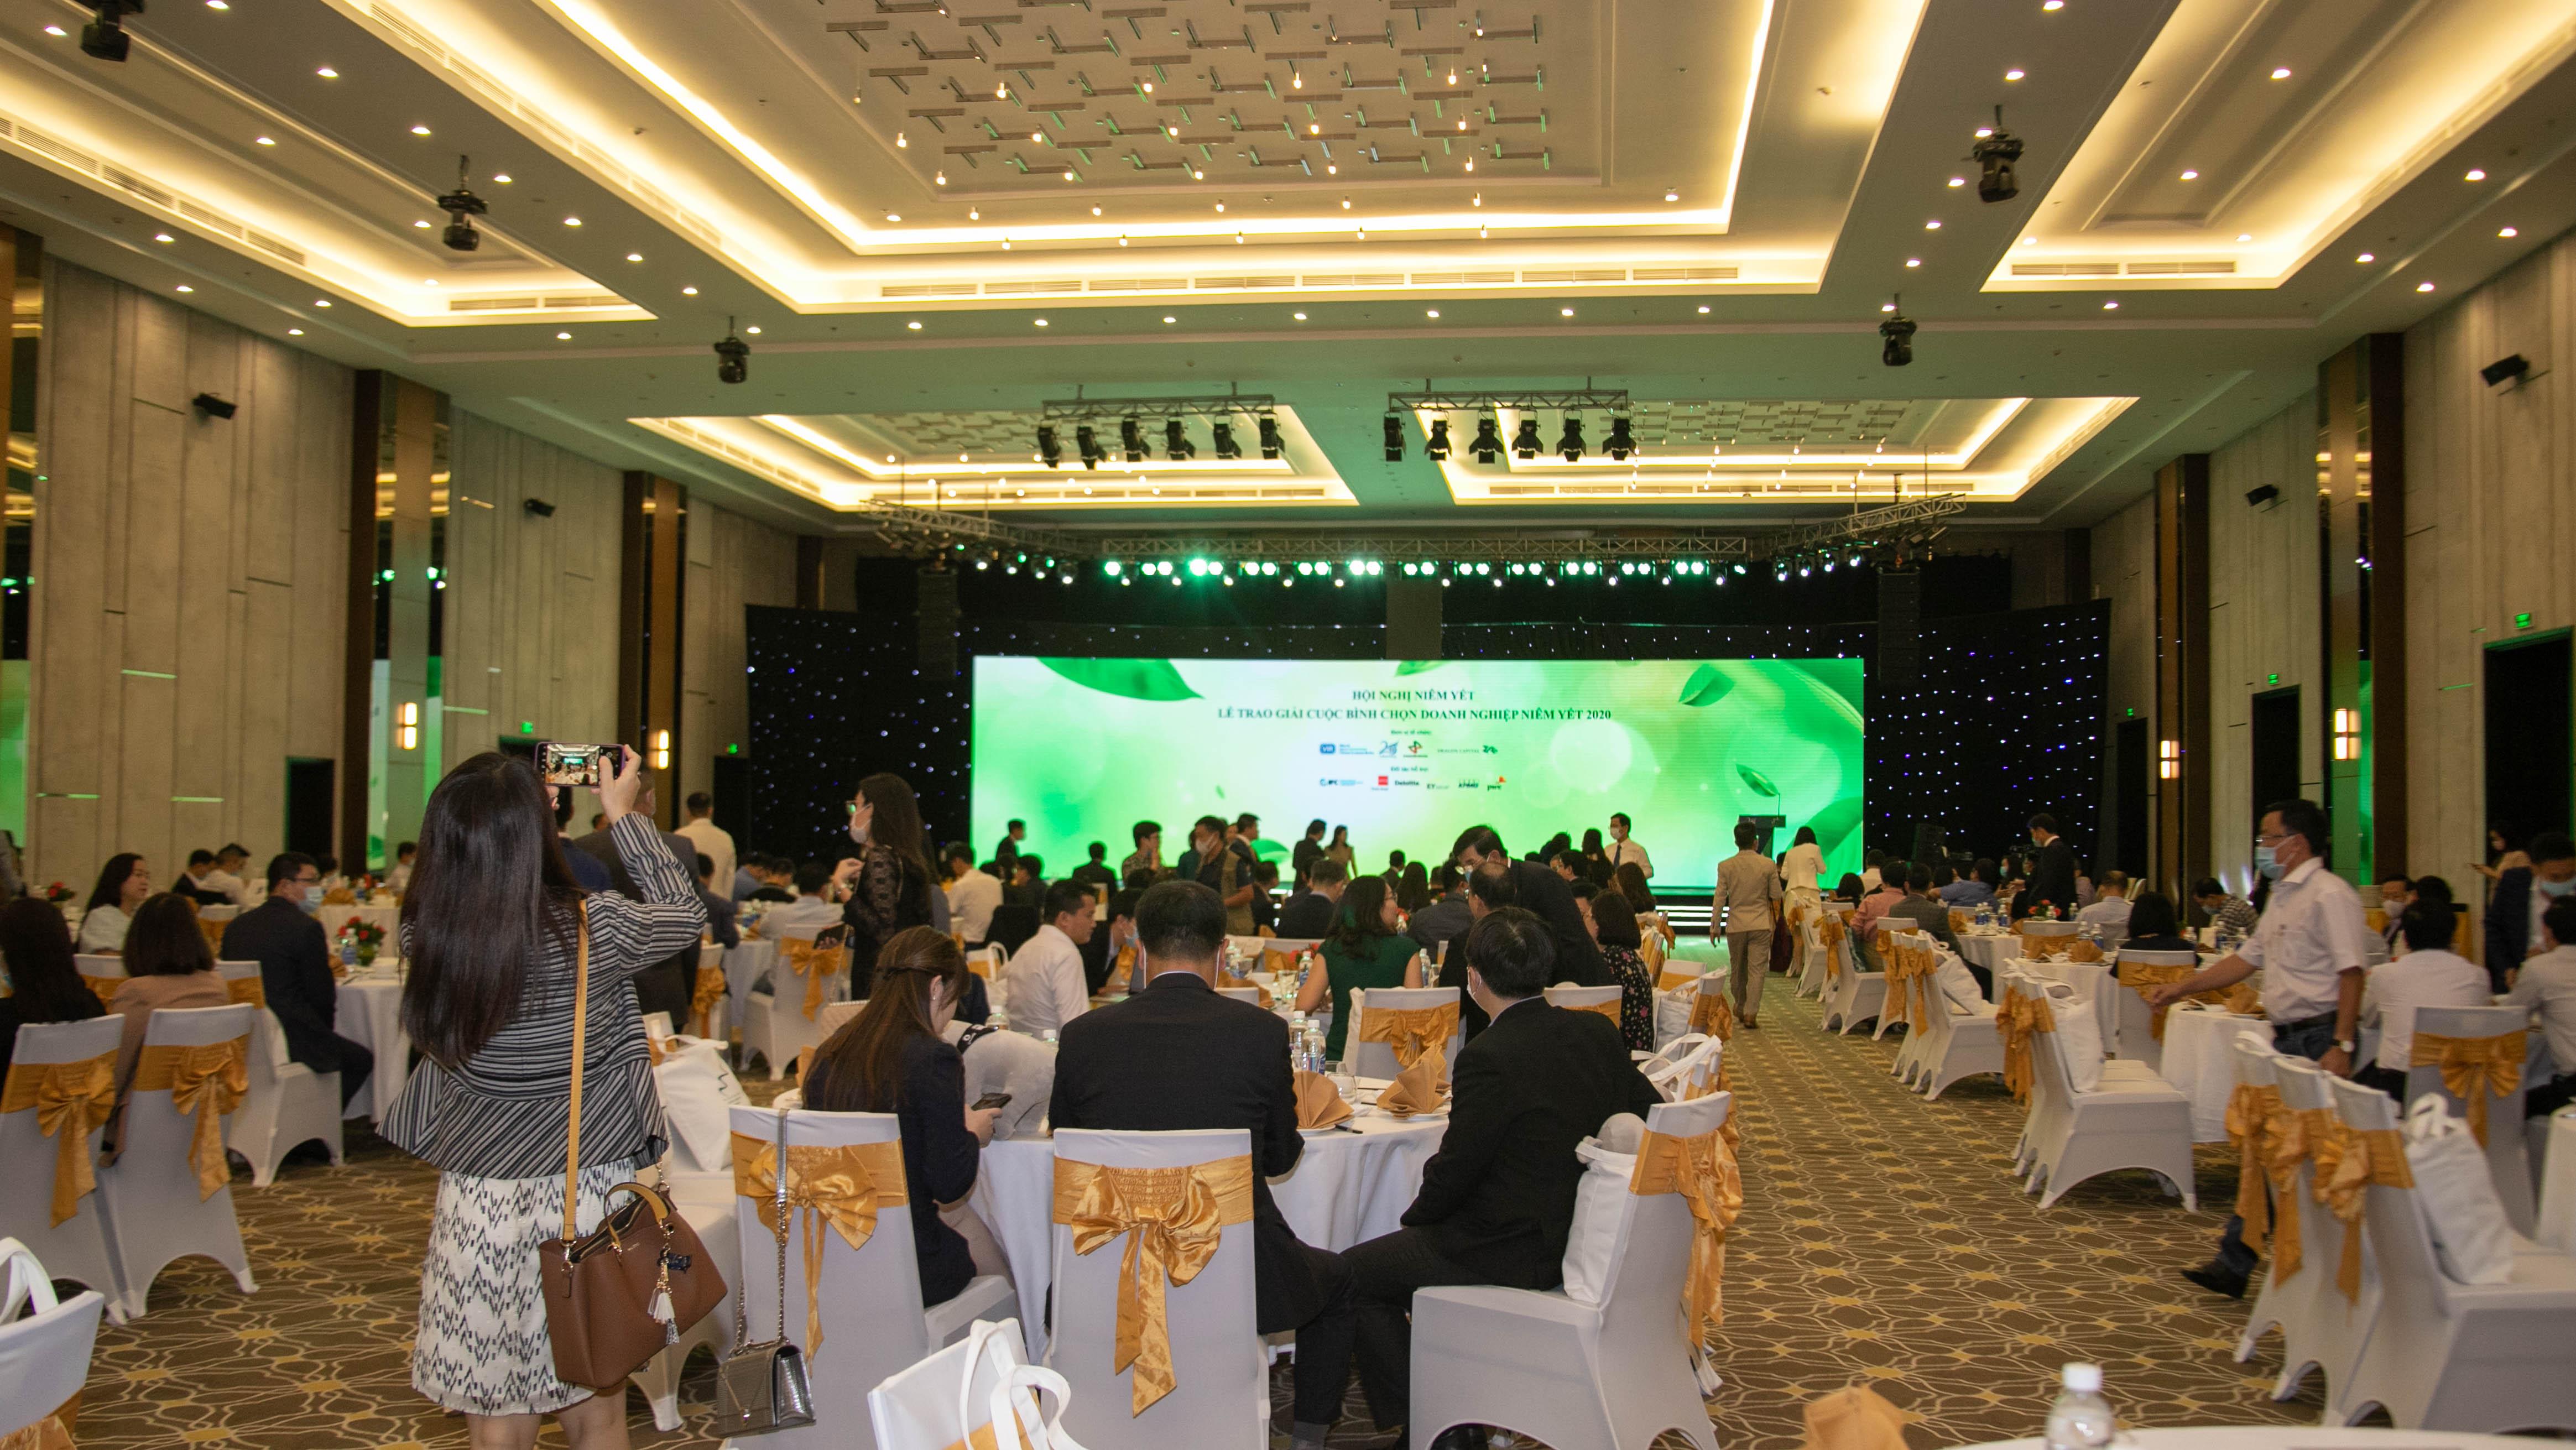 https://www.aravietnam.vn/wp-content/uploads/2020/12/IMG_8481.jpg